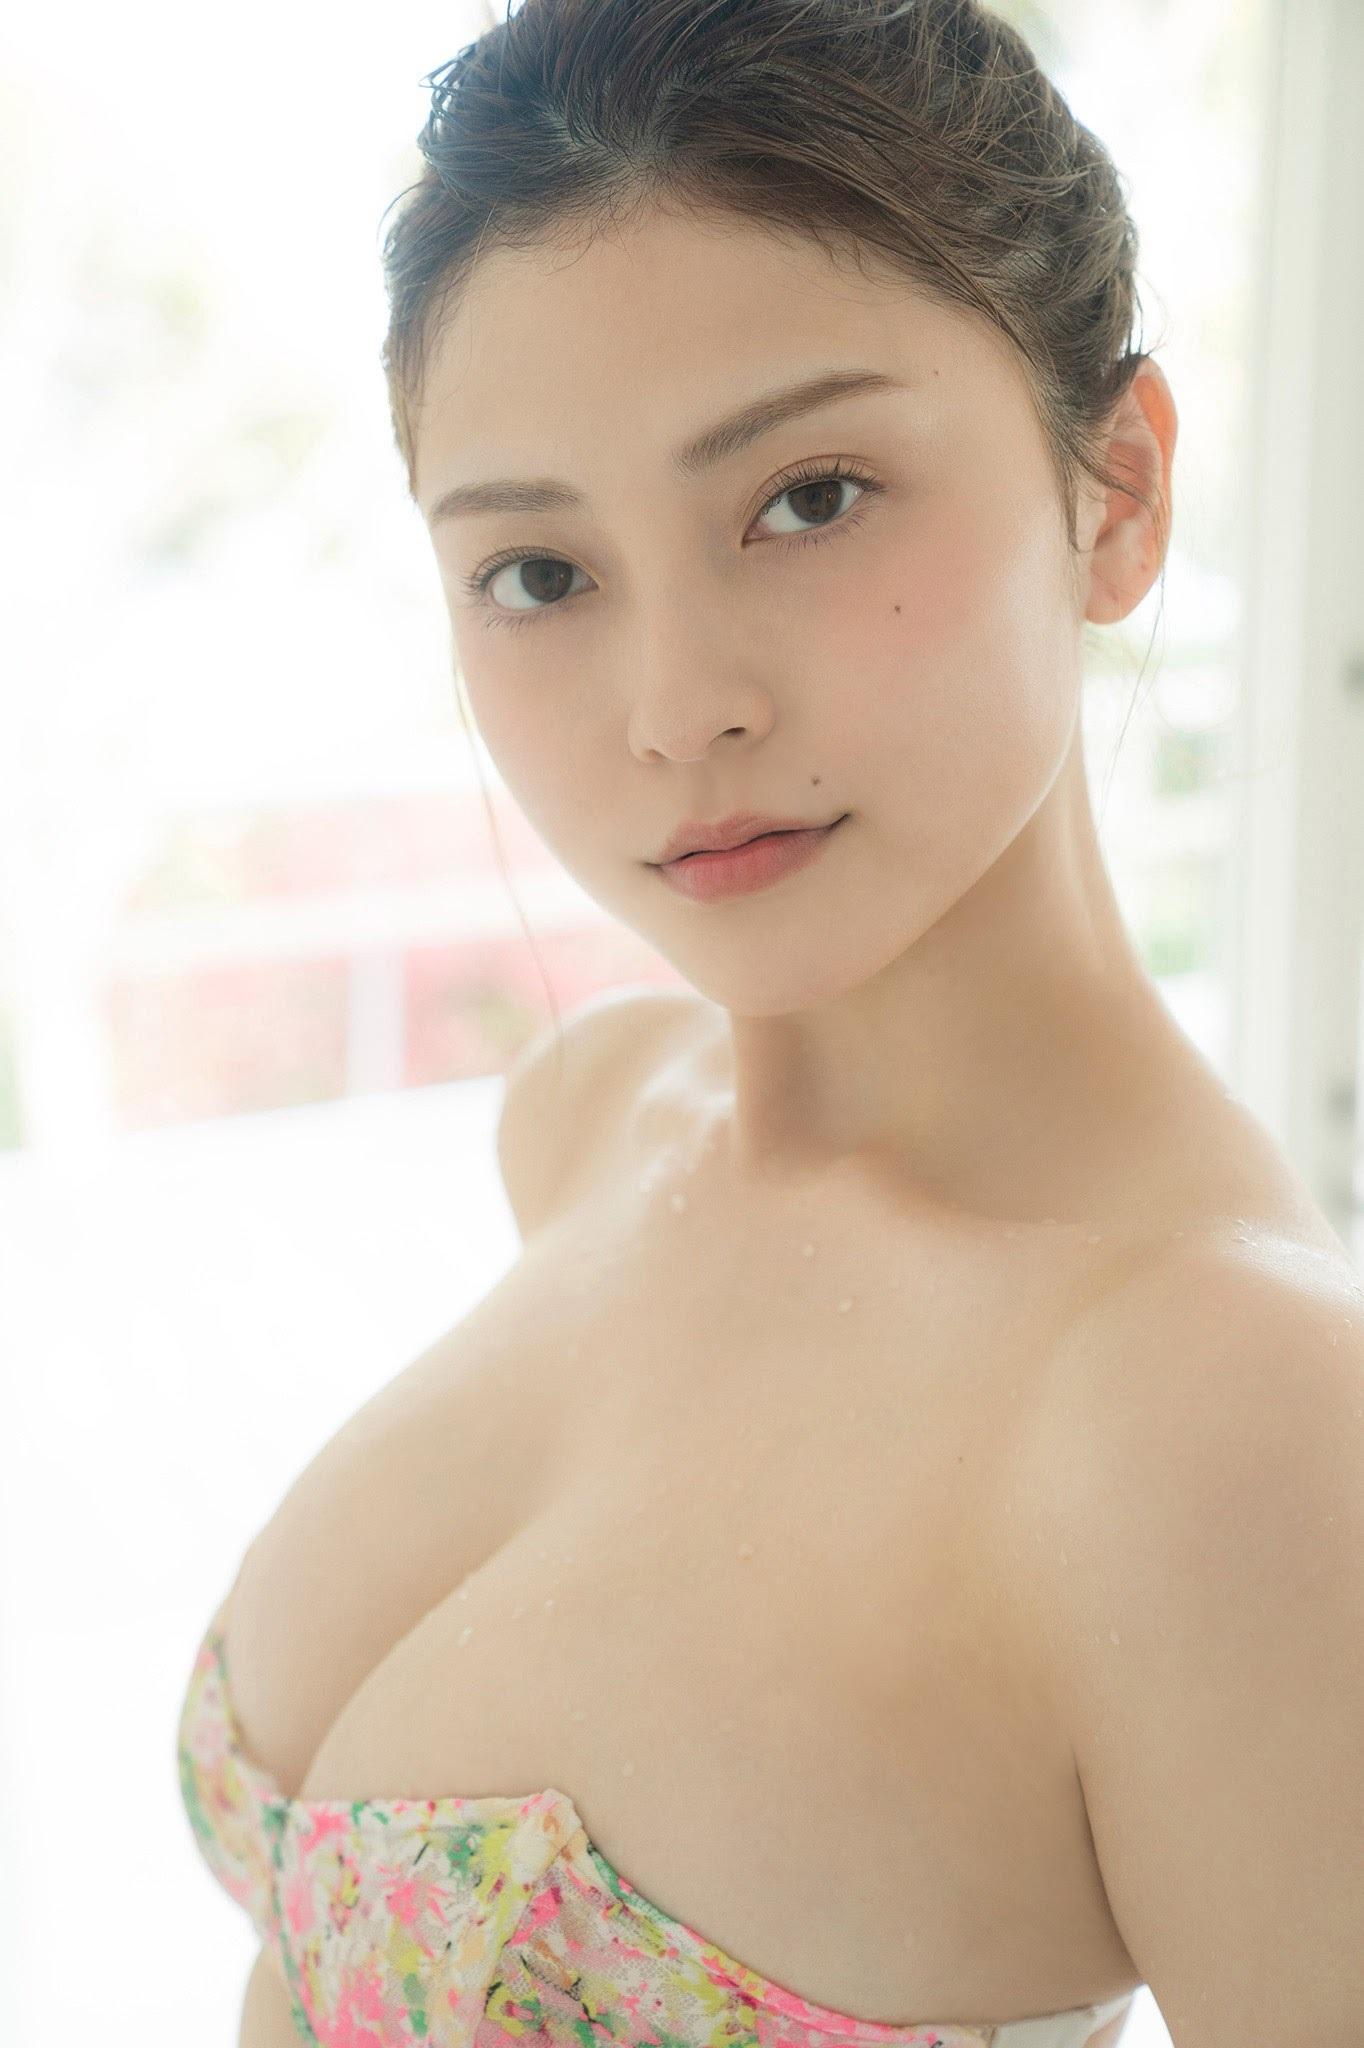 櫻井音乃66